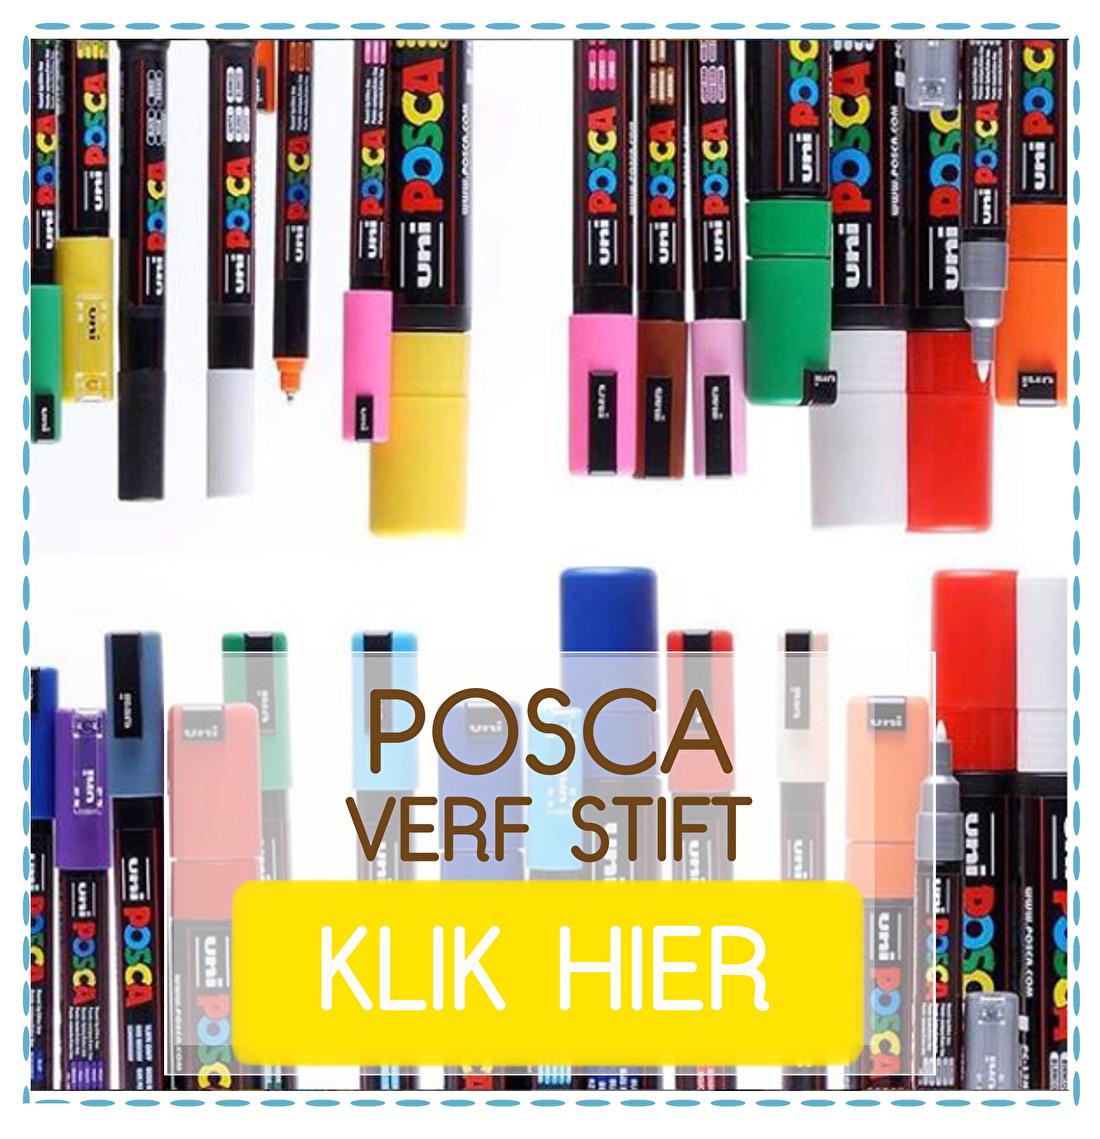 posca-verfstift-stift-dekkend-acryl-pigmenen-alles-stift-raamsift-hobbywinkel-schijndel